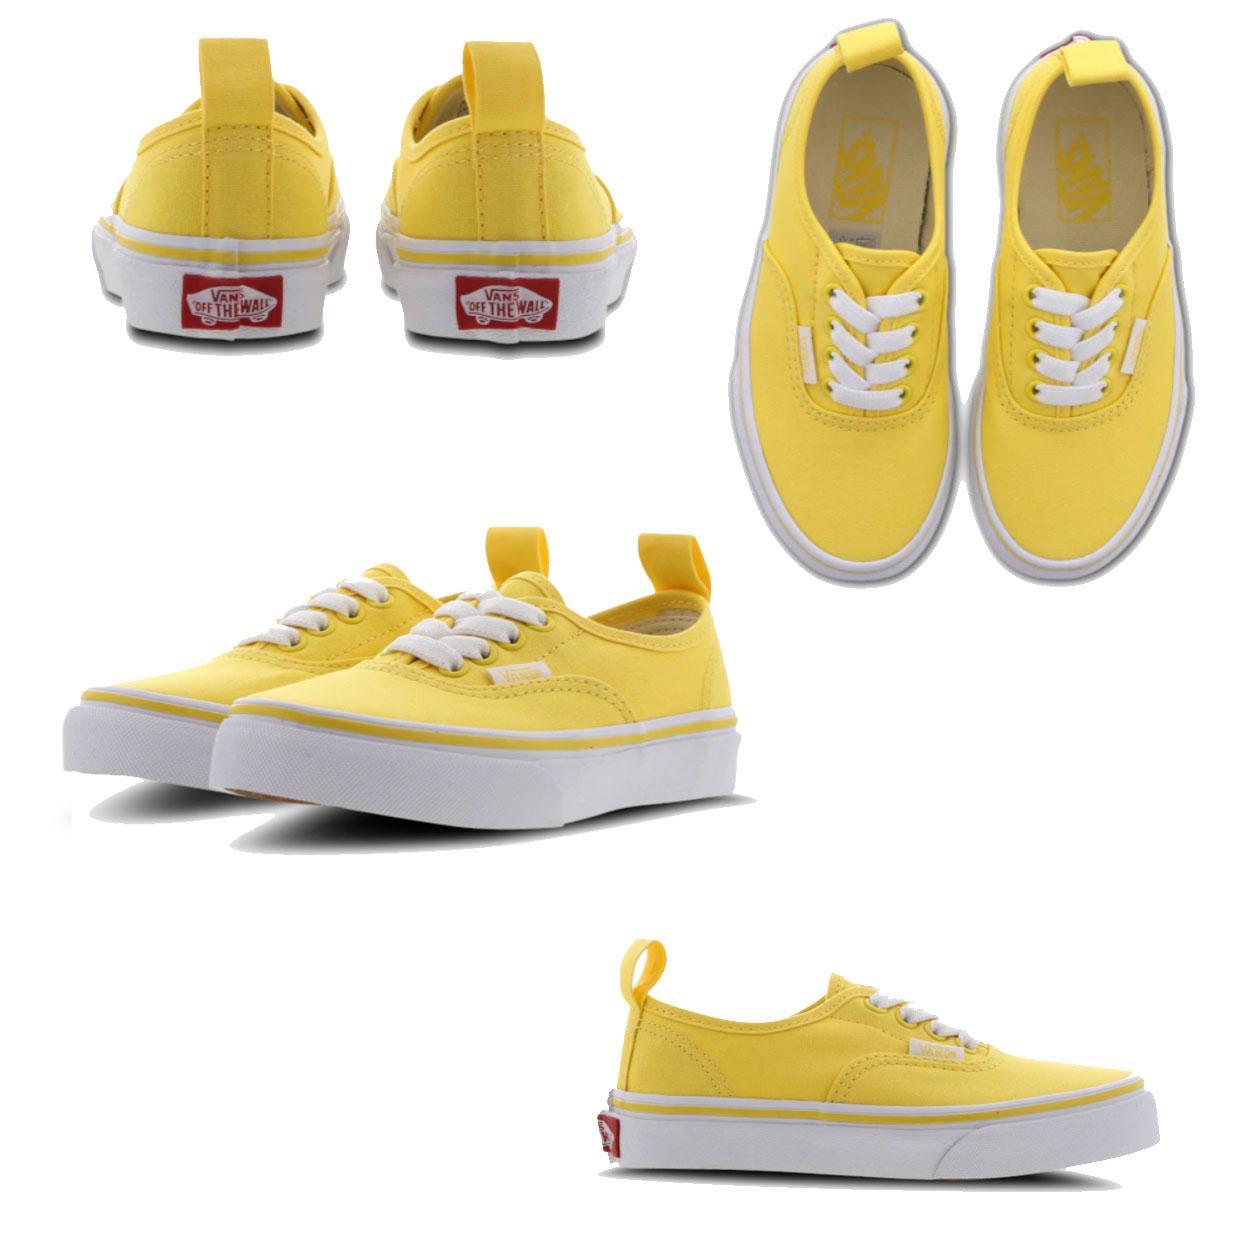 Vans Authentic kids sneakers @ Footlocker